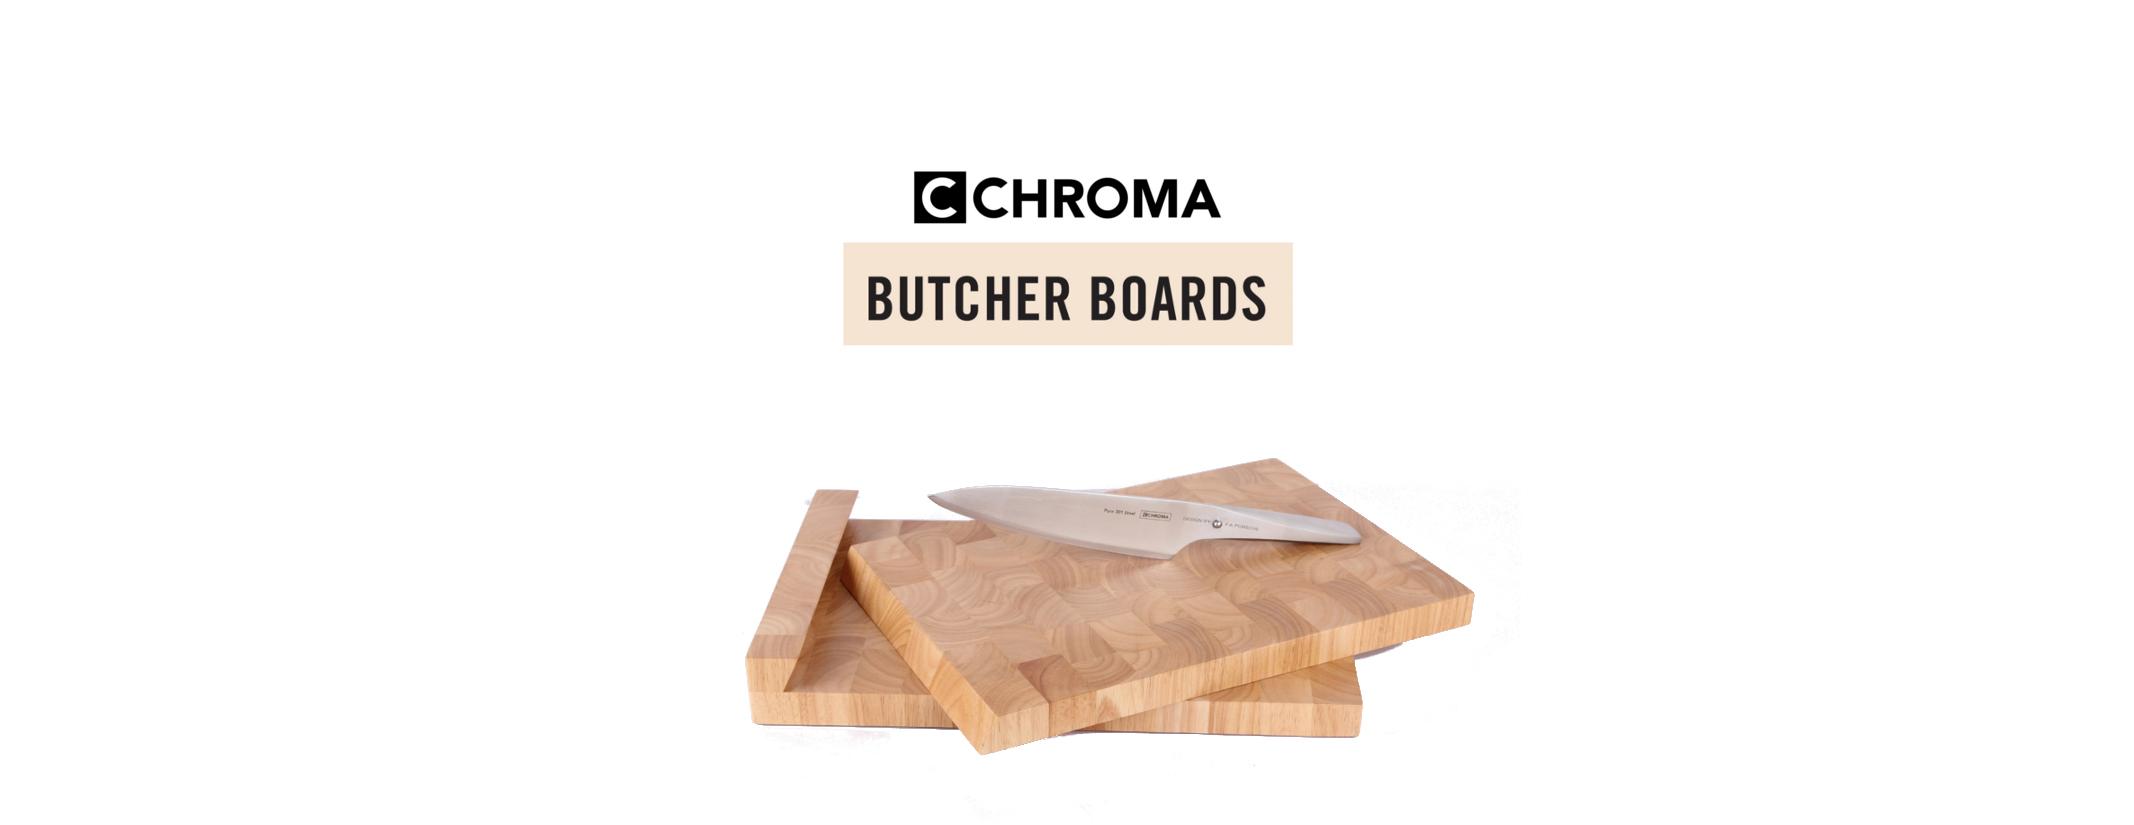 CHROMA Butcher Boards Schneidebrett Schneidunterlage